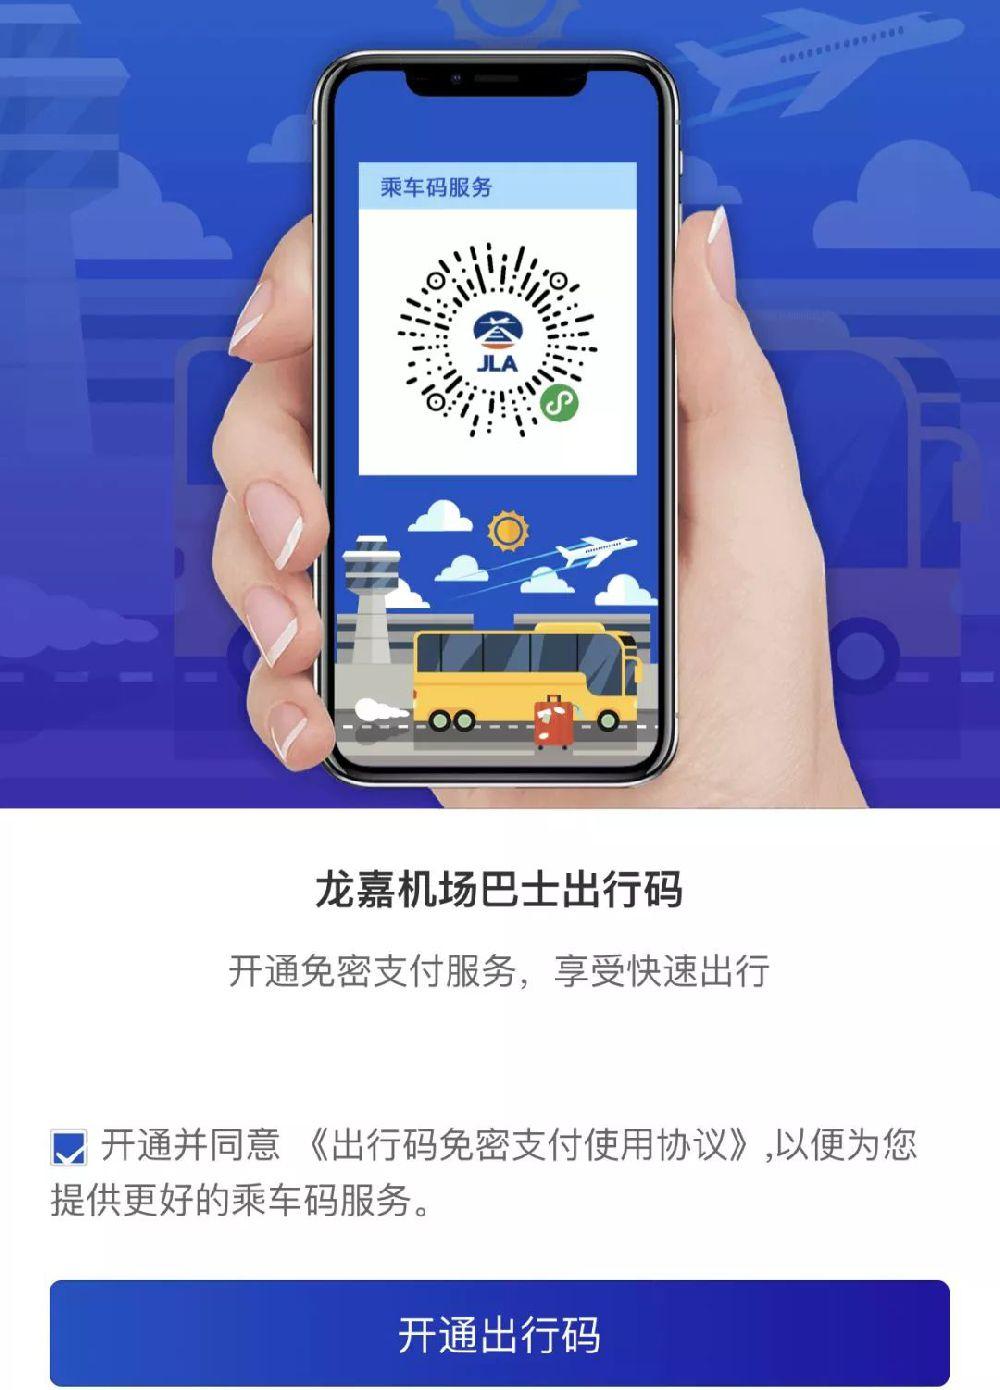 5月15日长春机场大巴出行码上线